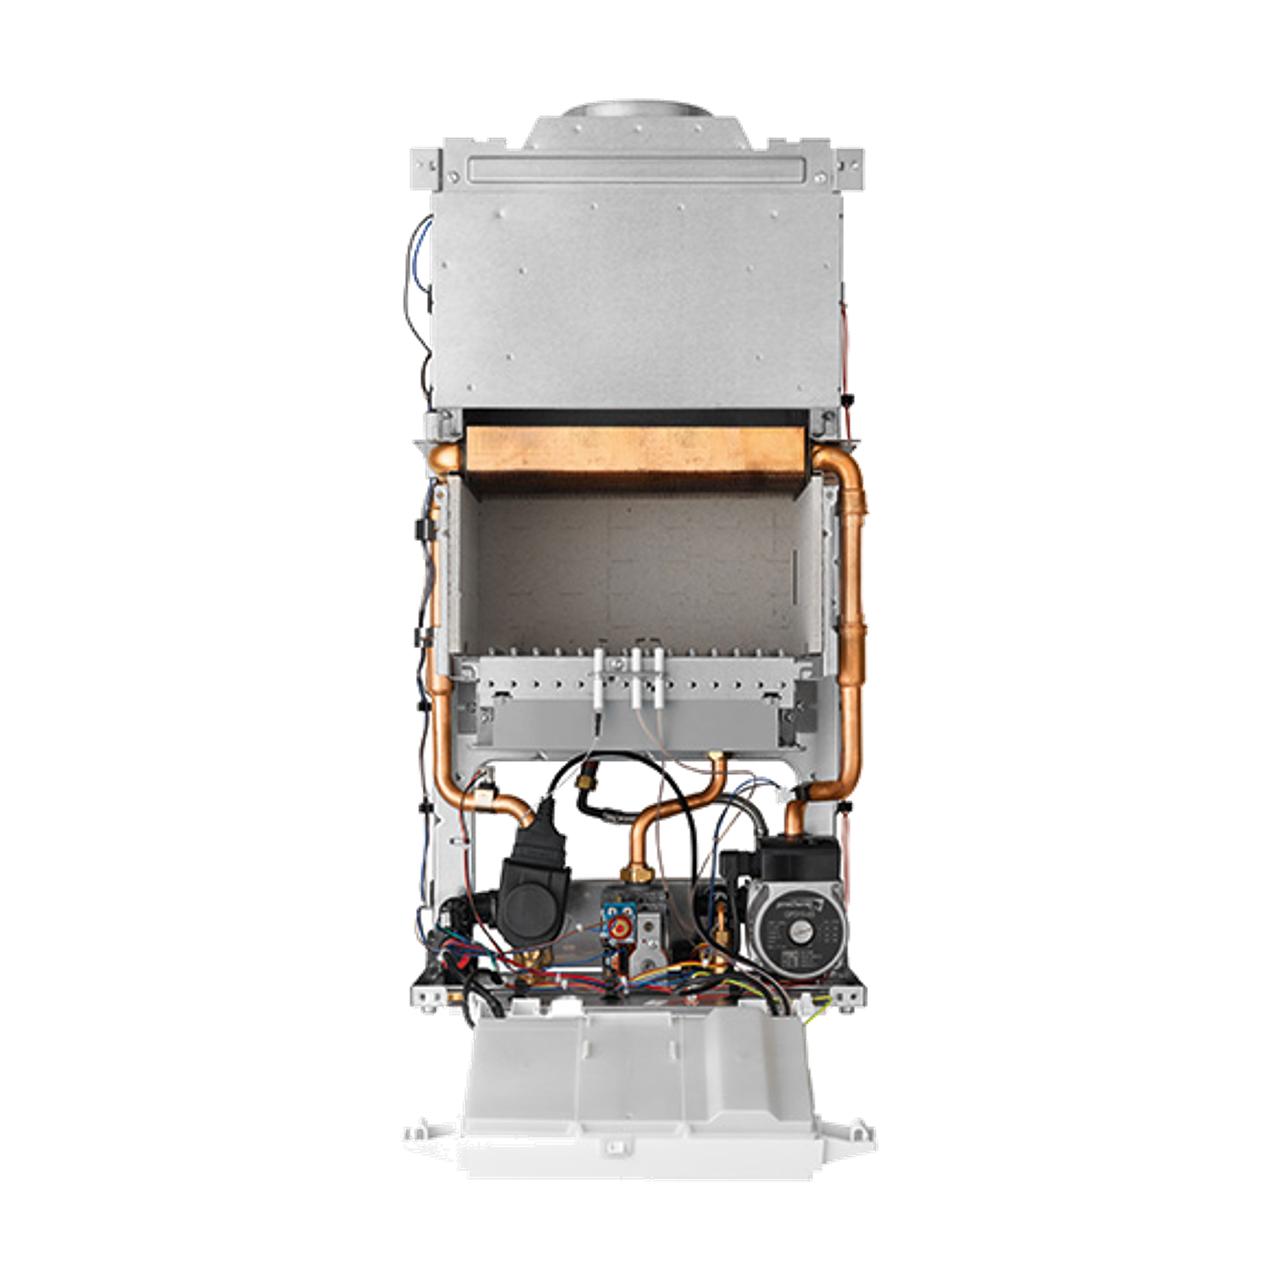 Протерм гепард газовые котлы какой теплообменник ремонт кожухотрубчатых теплообменников технологические рекомендации